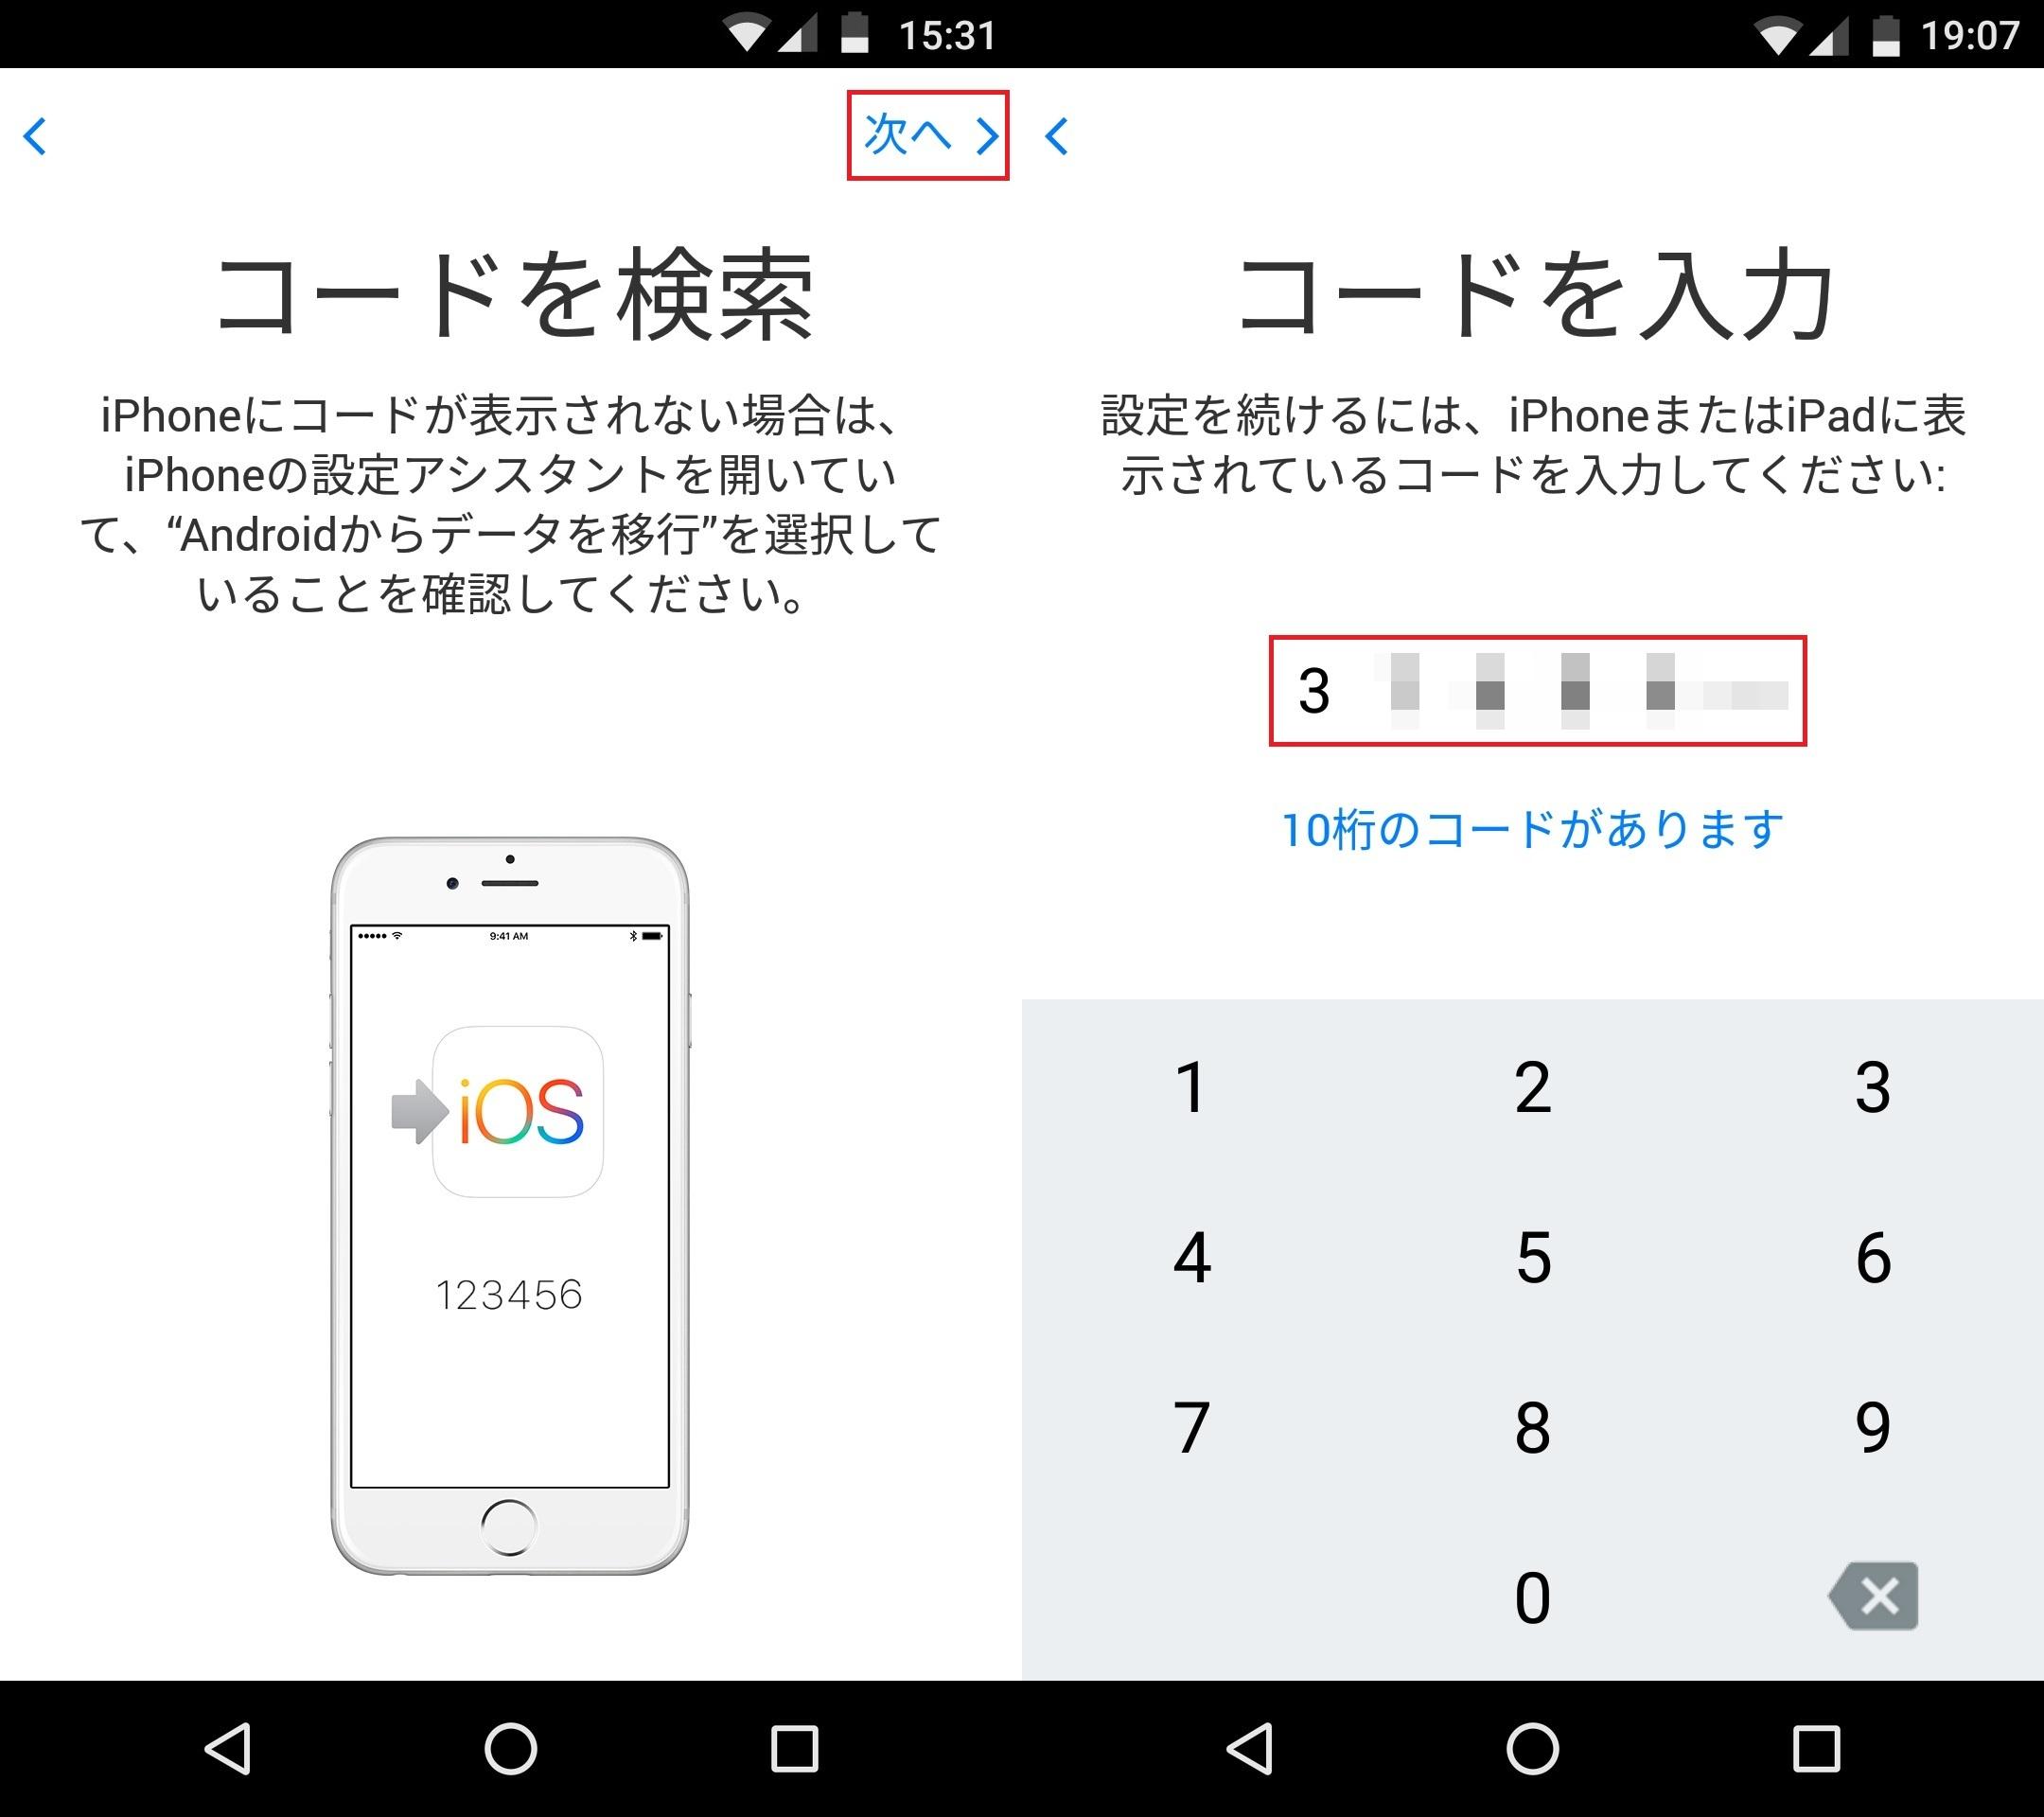 Engadget Japanese日本版AndroidからiPhoneへのデータ移行、いちばん簡単な方法とは:iPhone Tips